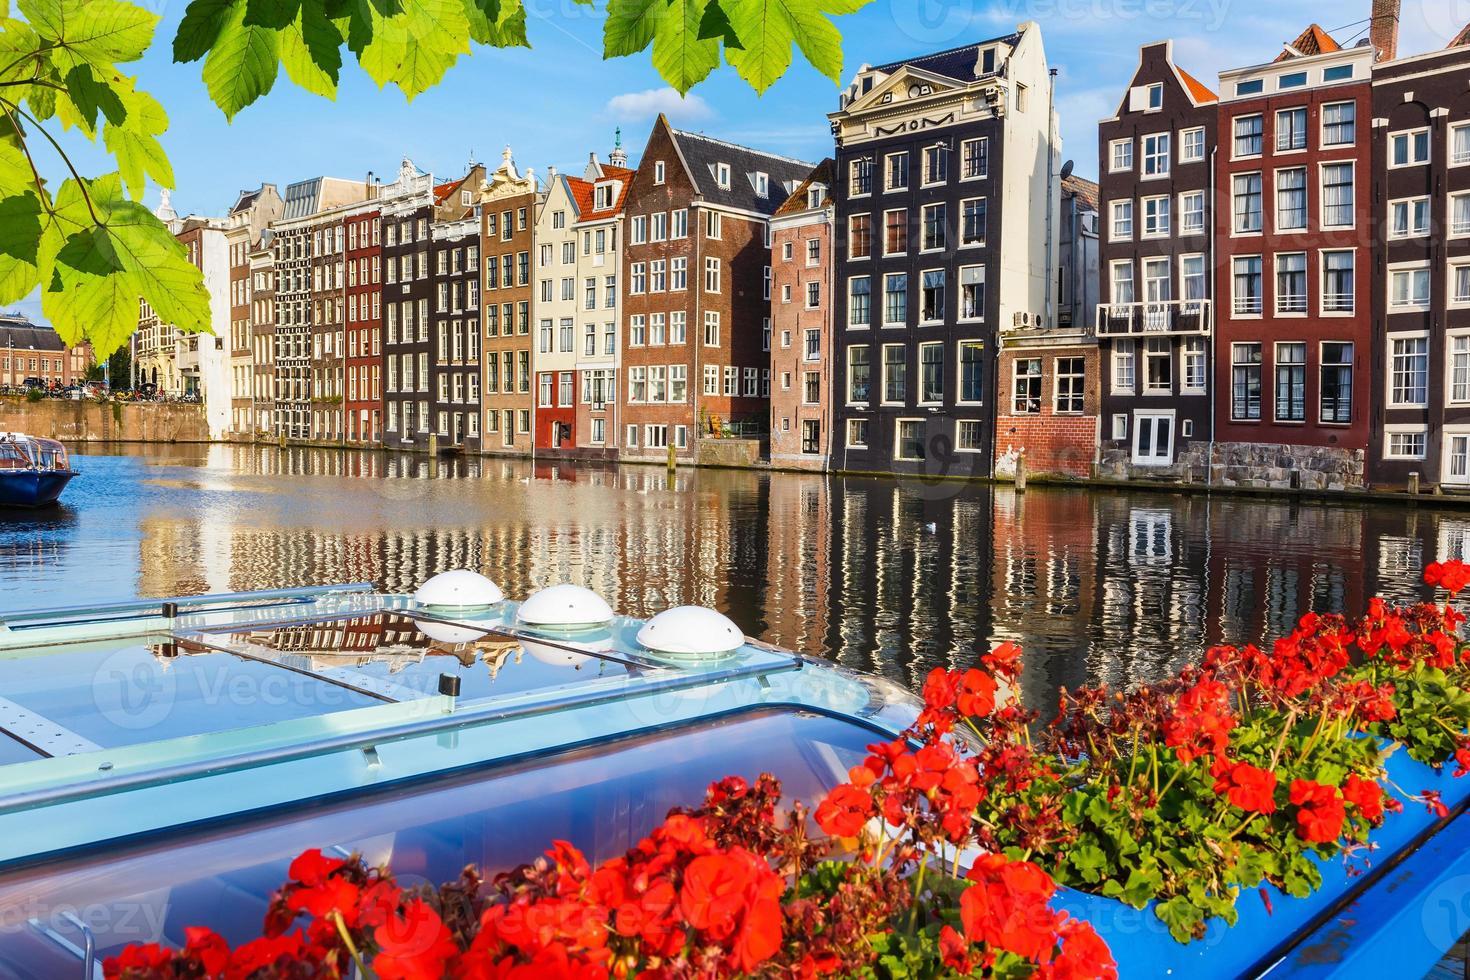 traditionelle holländische Gebäude, Amsterdam foto